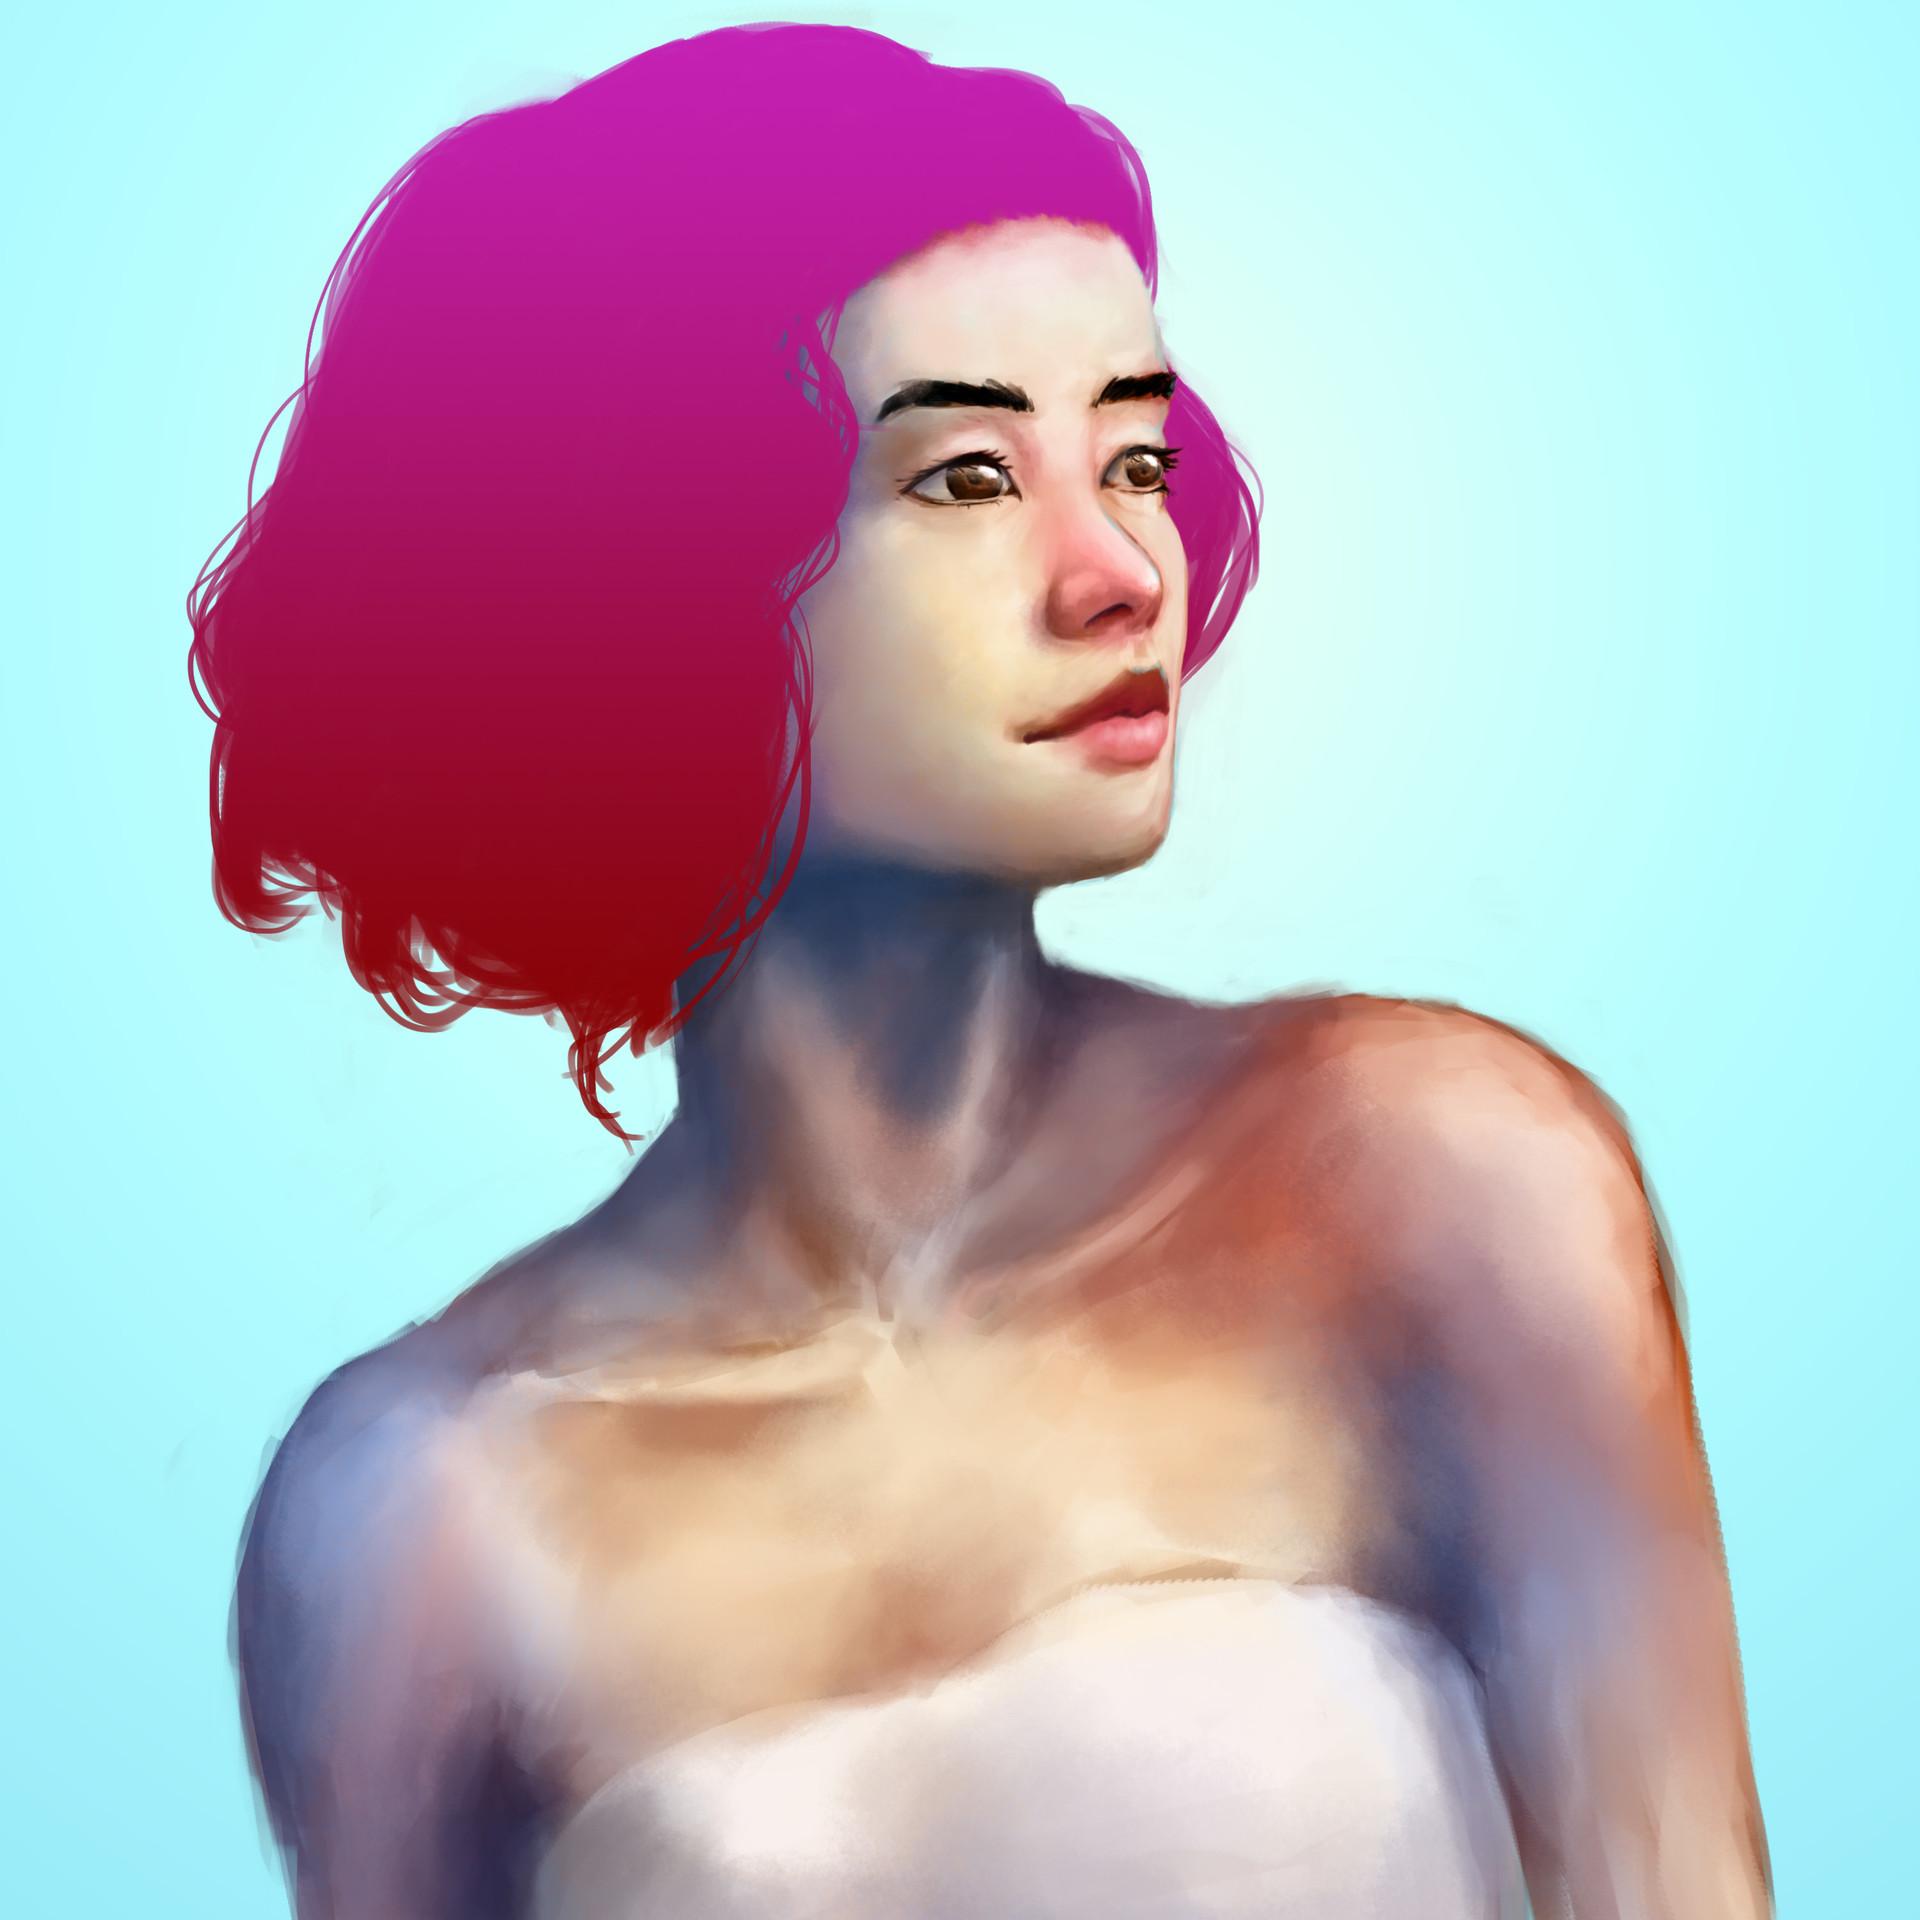 Photoshop speedpaint woman portrait 1